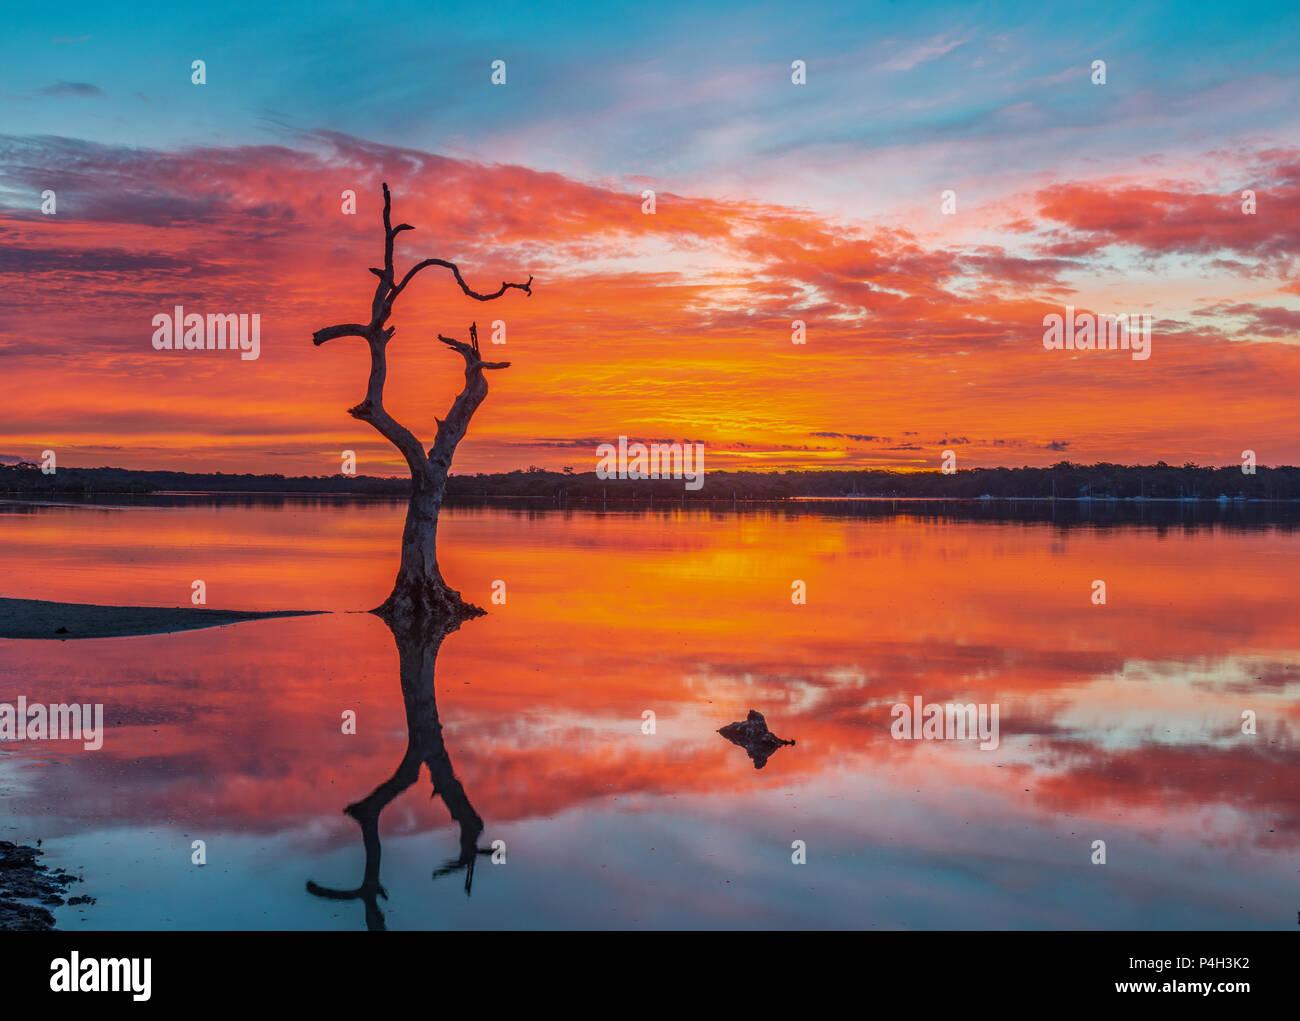 Lumière de mère nature y compris un arbre mort solitaire avec un reflet dans l'eau. Photo Stock